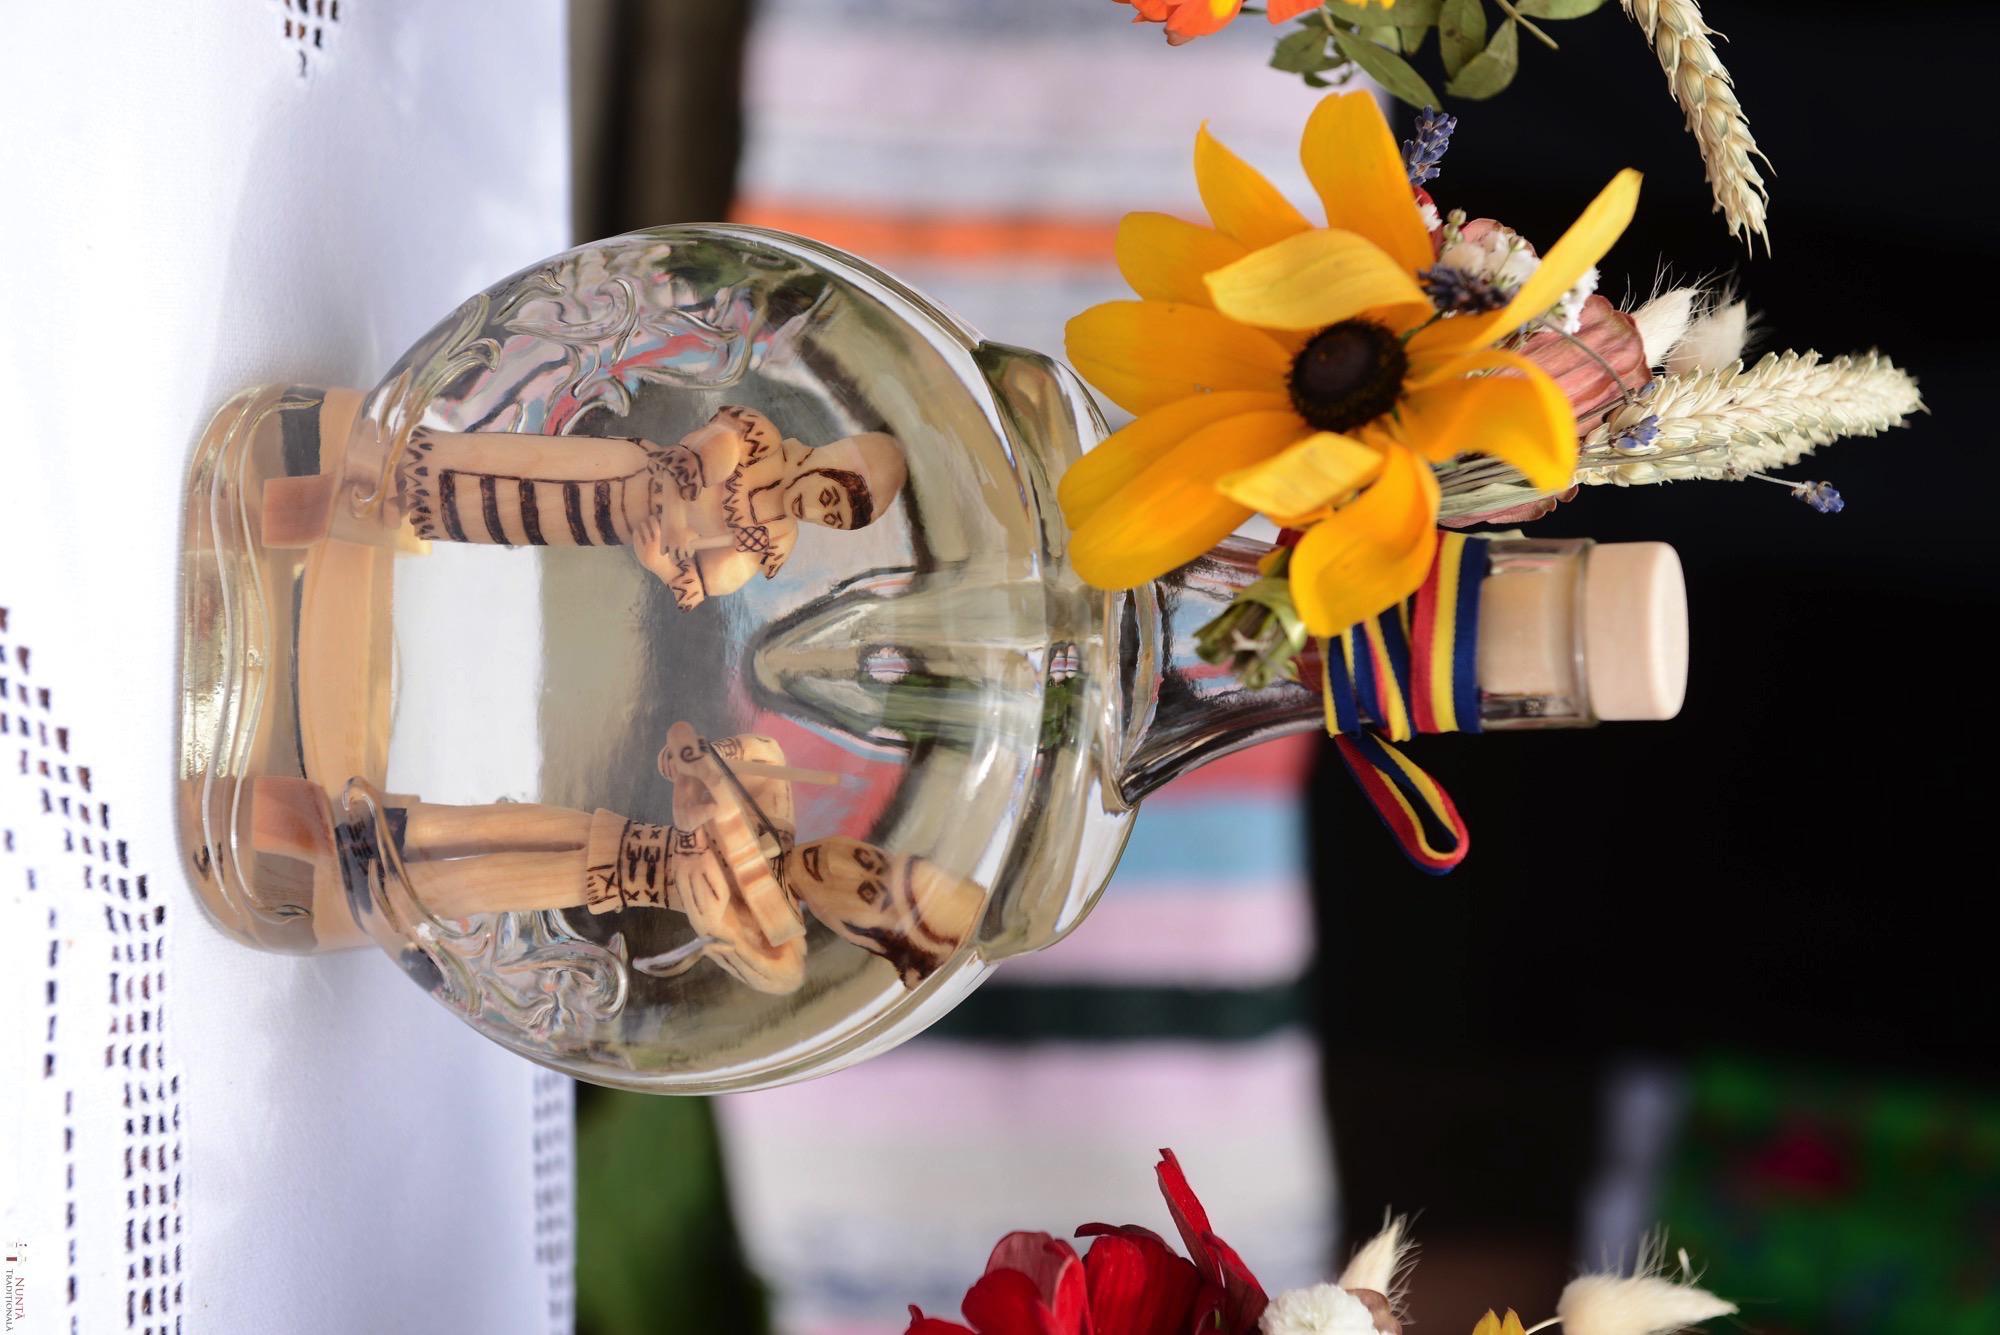 Povești Nunți Tradiționale - Florentina Vlad și Lemnean Ionuț. Cununie tradițională în Baia Mare 14